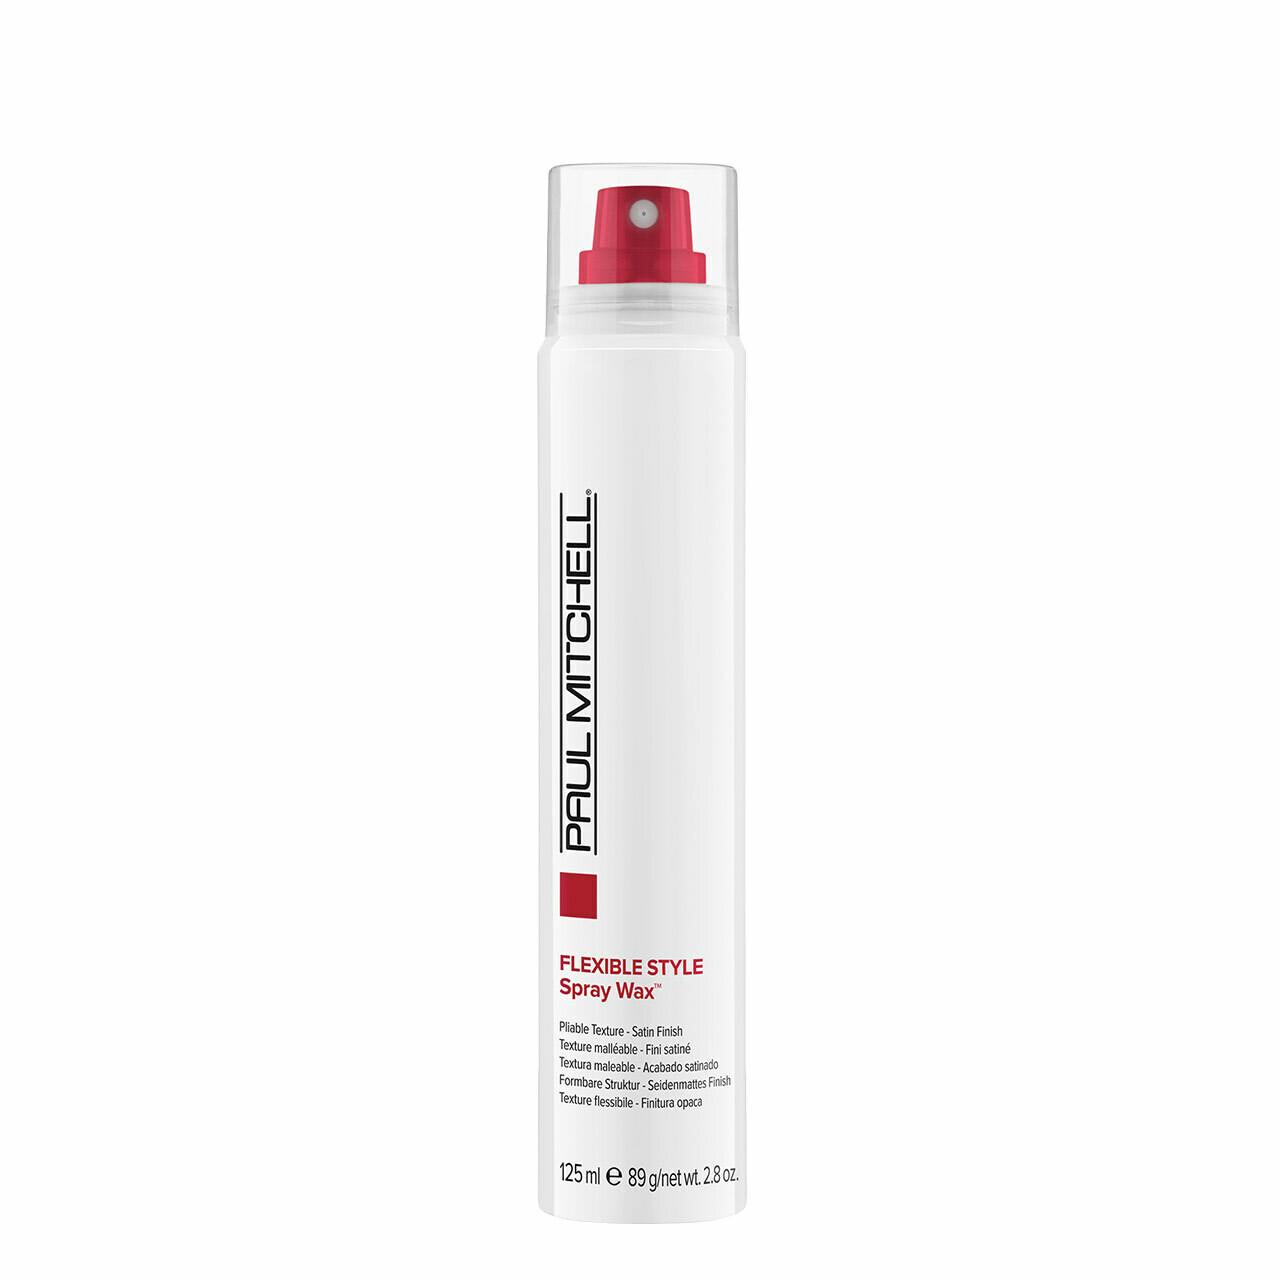 Spray Wax 125ml